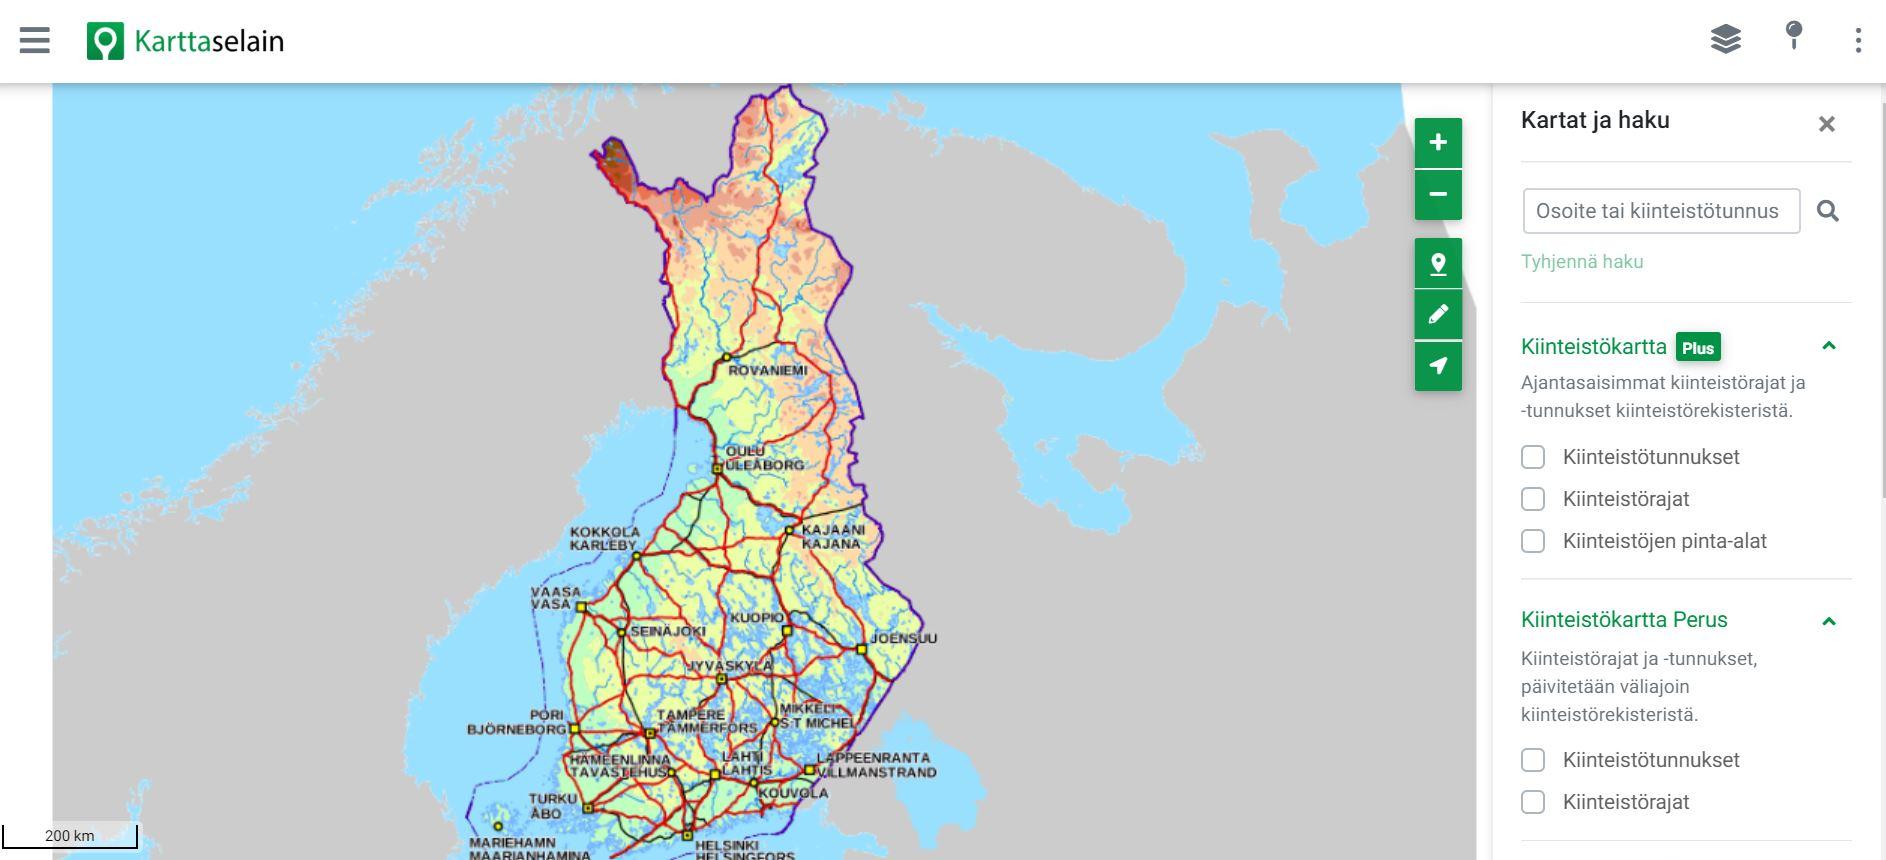 karttaselain-maastokartta